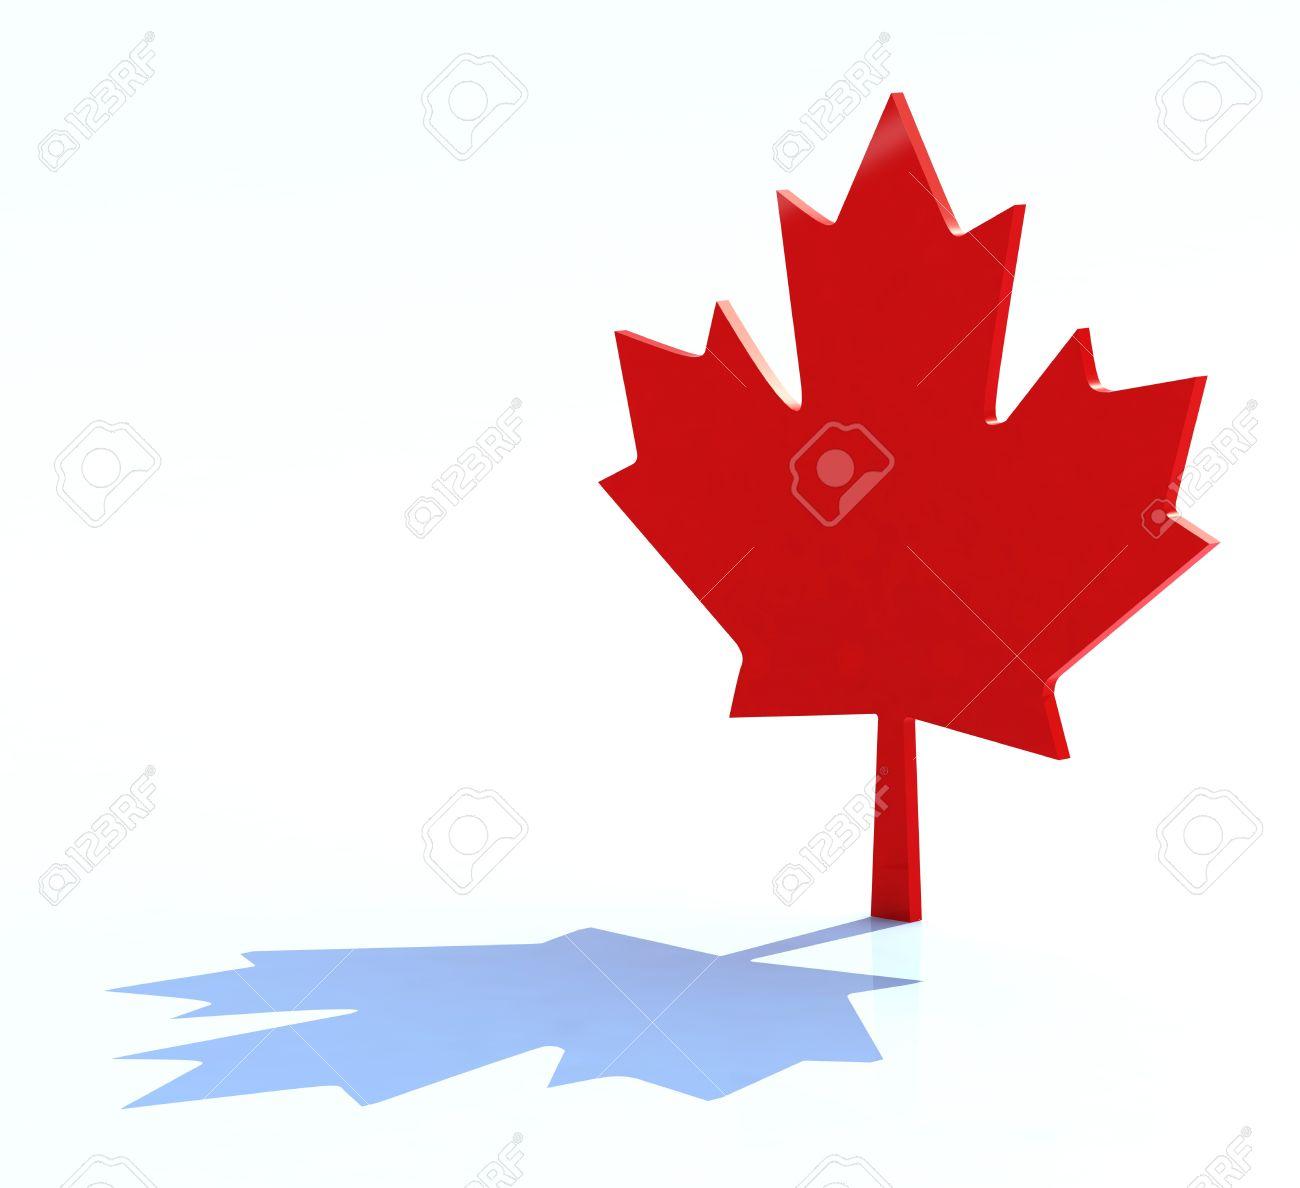 3d maple leaf canadian symbol stock photo picture and royalty 3d maple leaf canadian symbol stock photo 14586516 buycottarizona